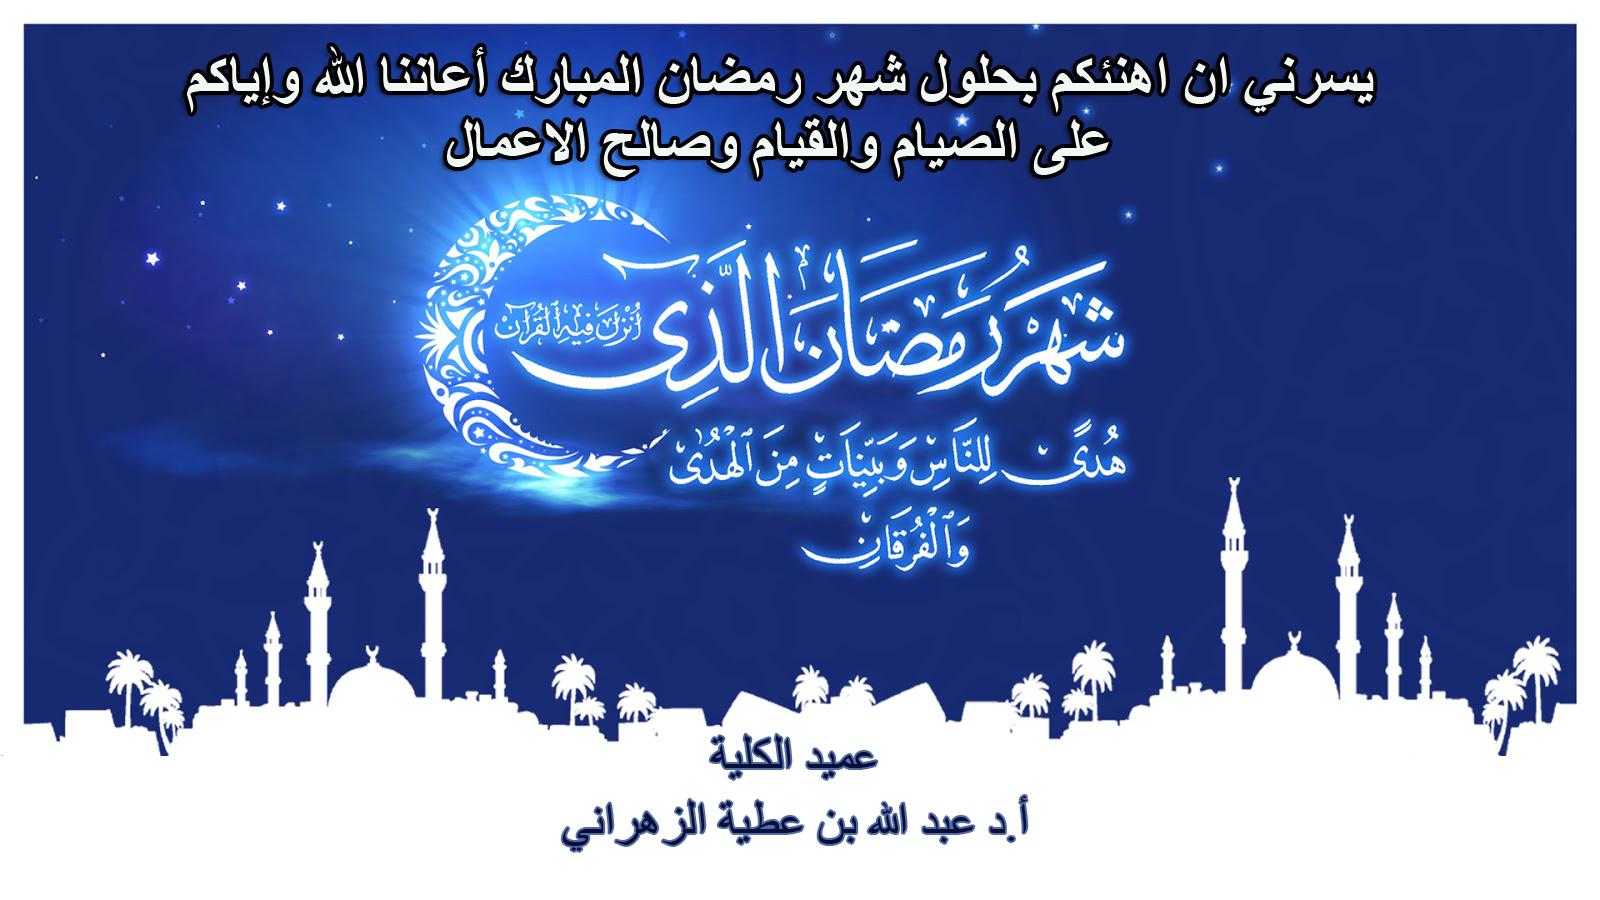 تهنئة رمضان - كل عام وانتم بخير بمناسبة...